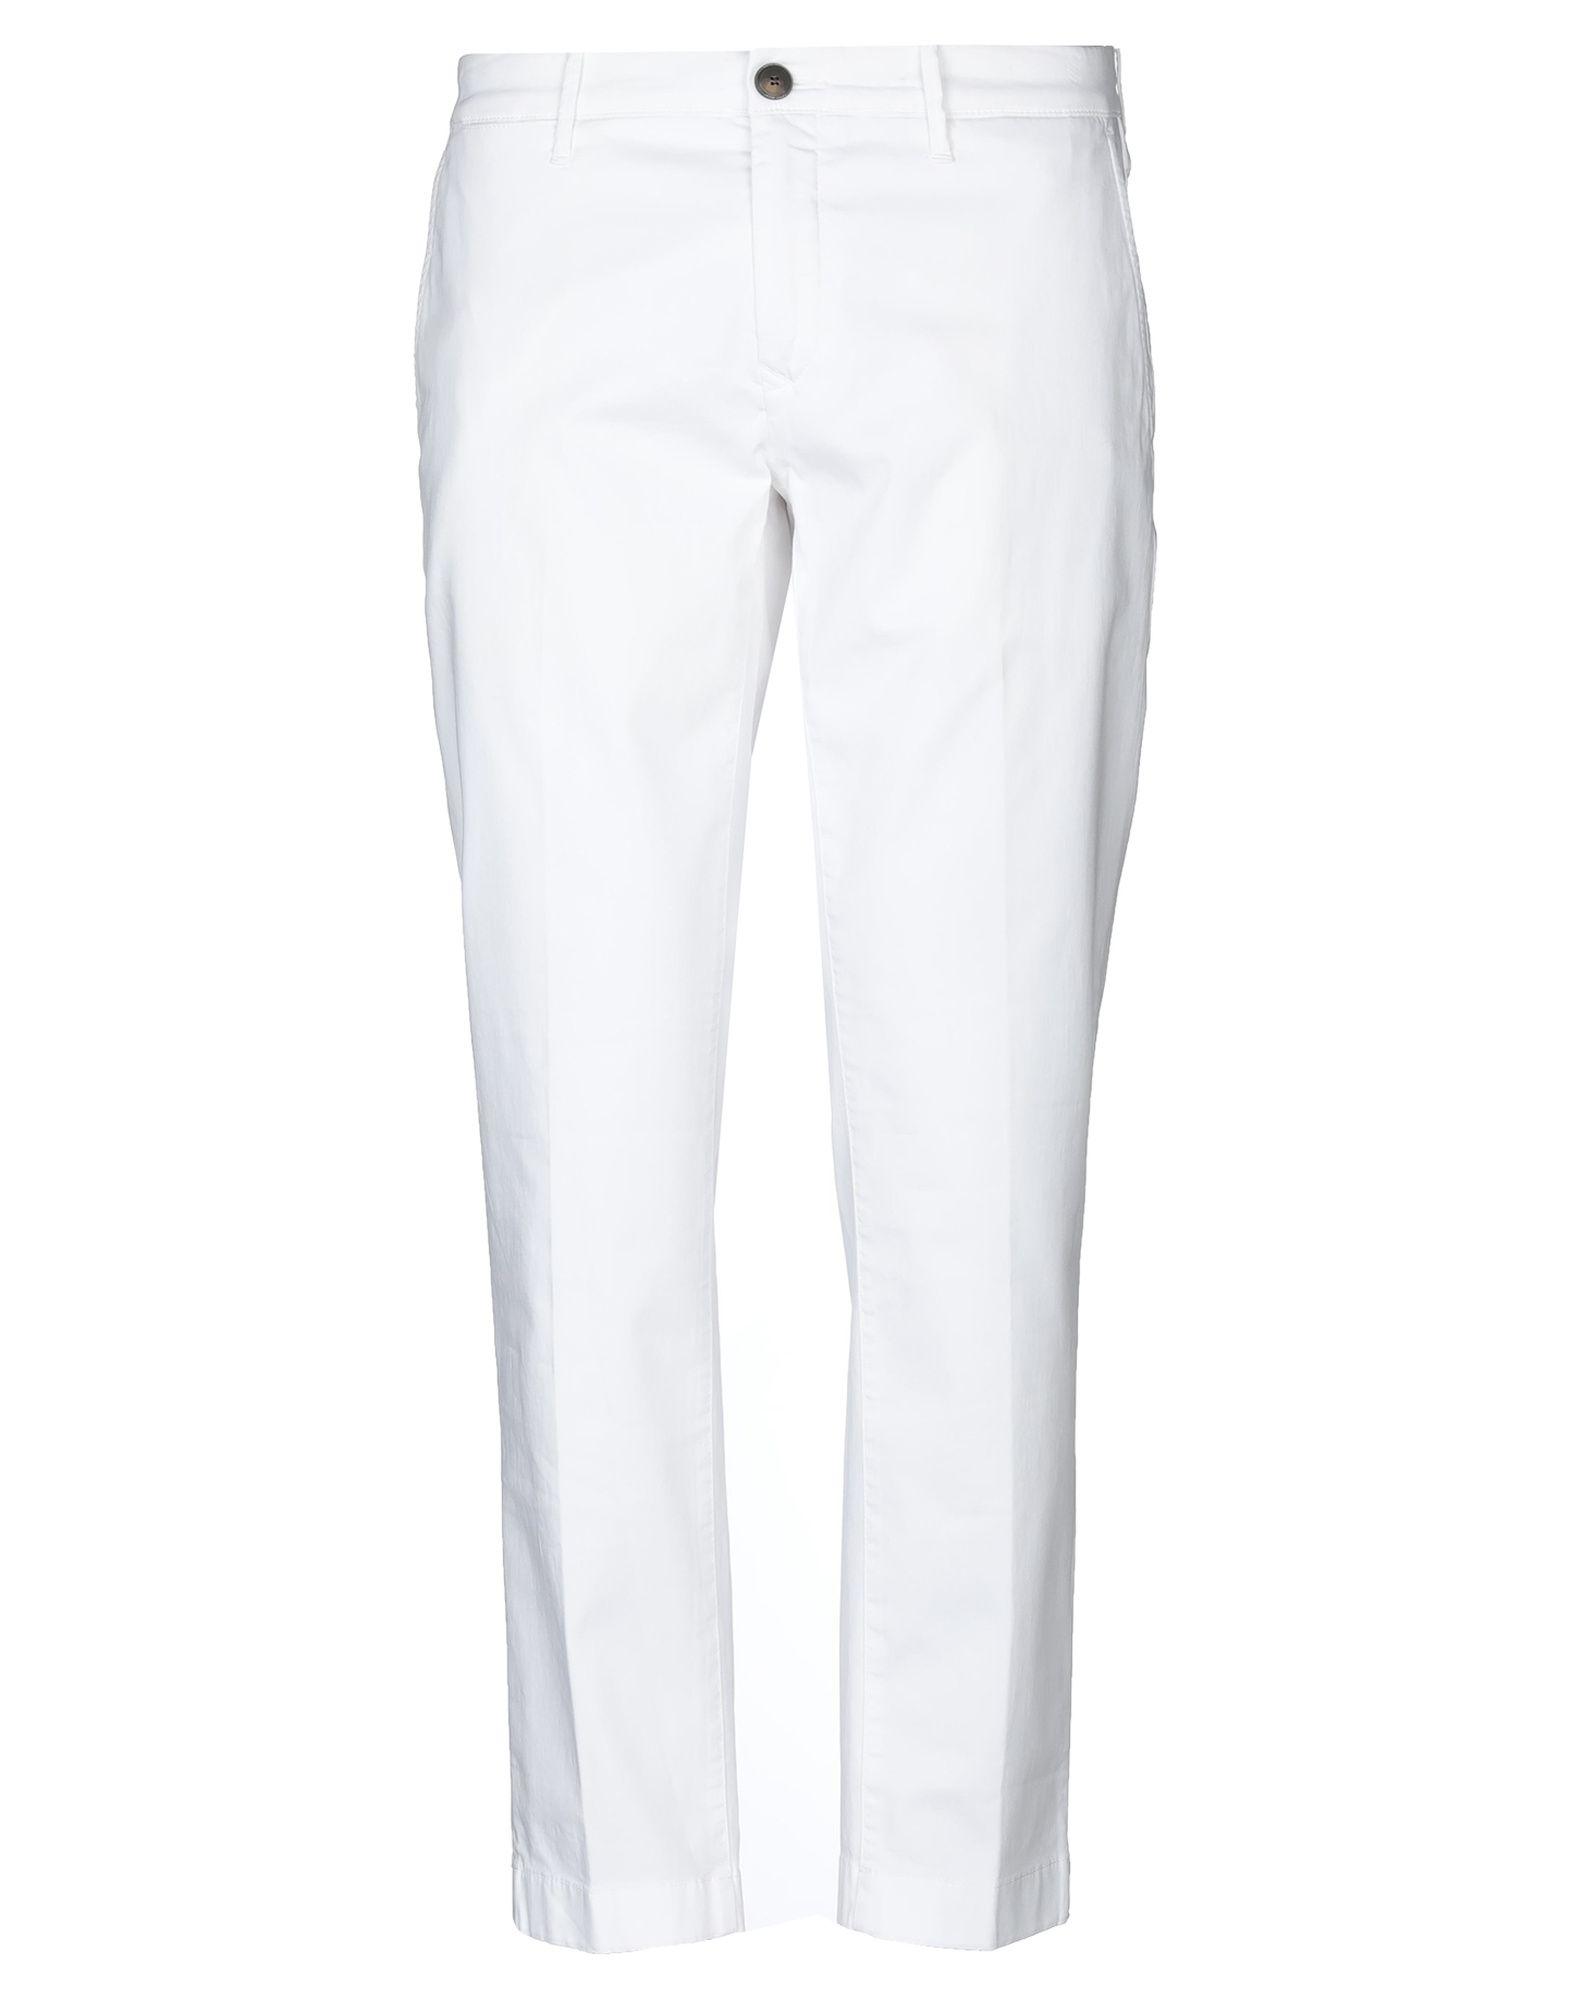 JACOB COHЁN ACADEMY Повседневные брюки jacob cohёn повседневные брюки